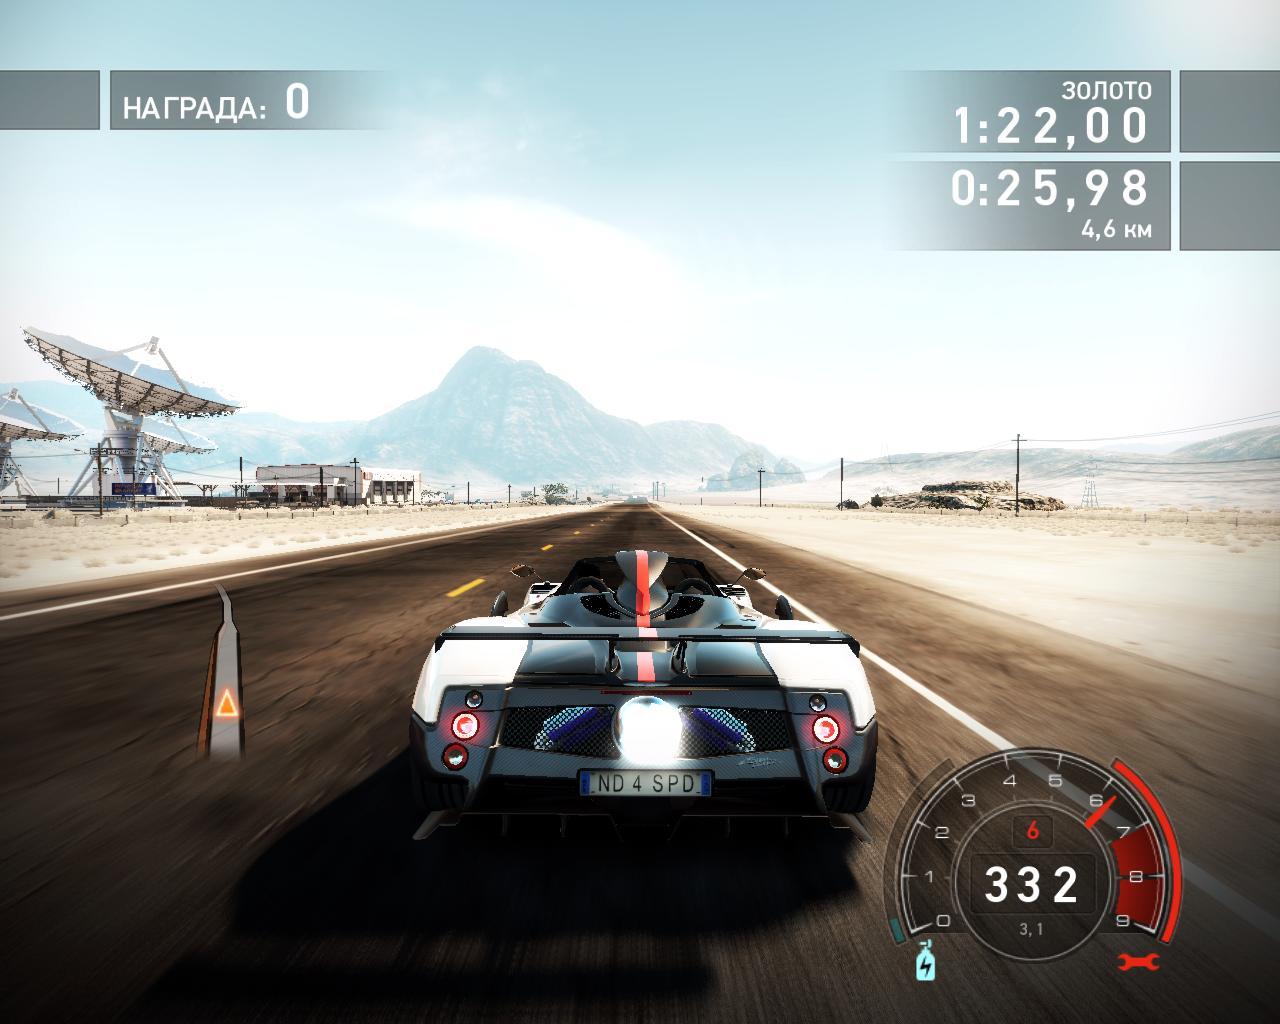 Заработок и помощь в интернет игры скачать need for speed hot pursuit nodvd